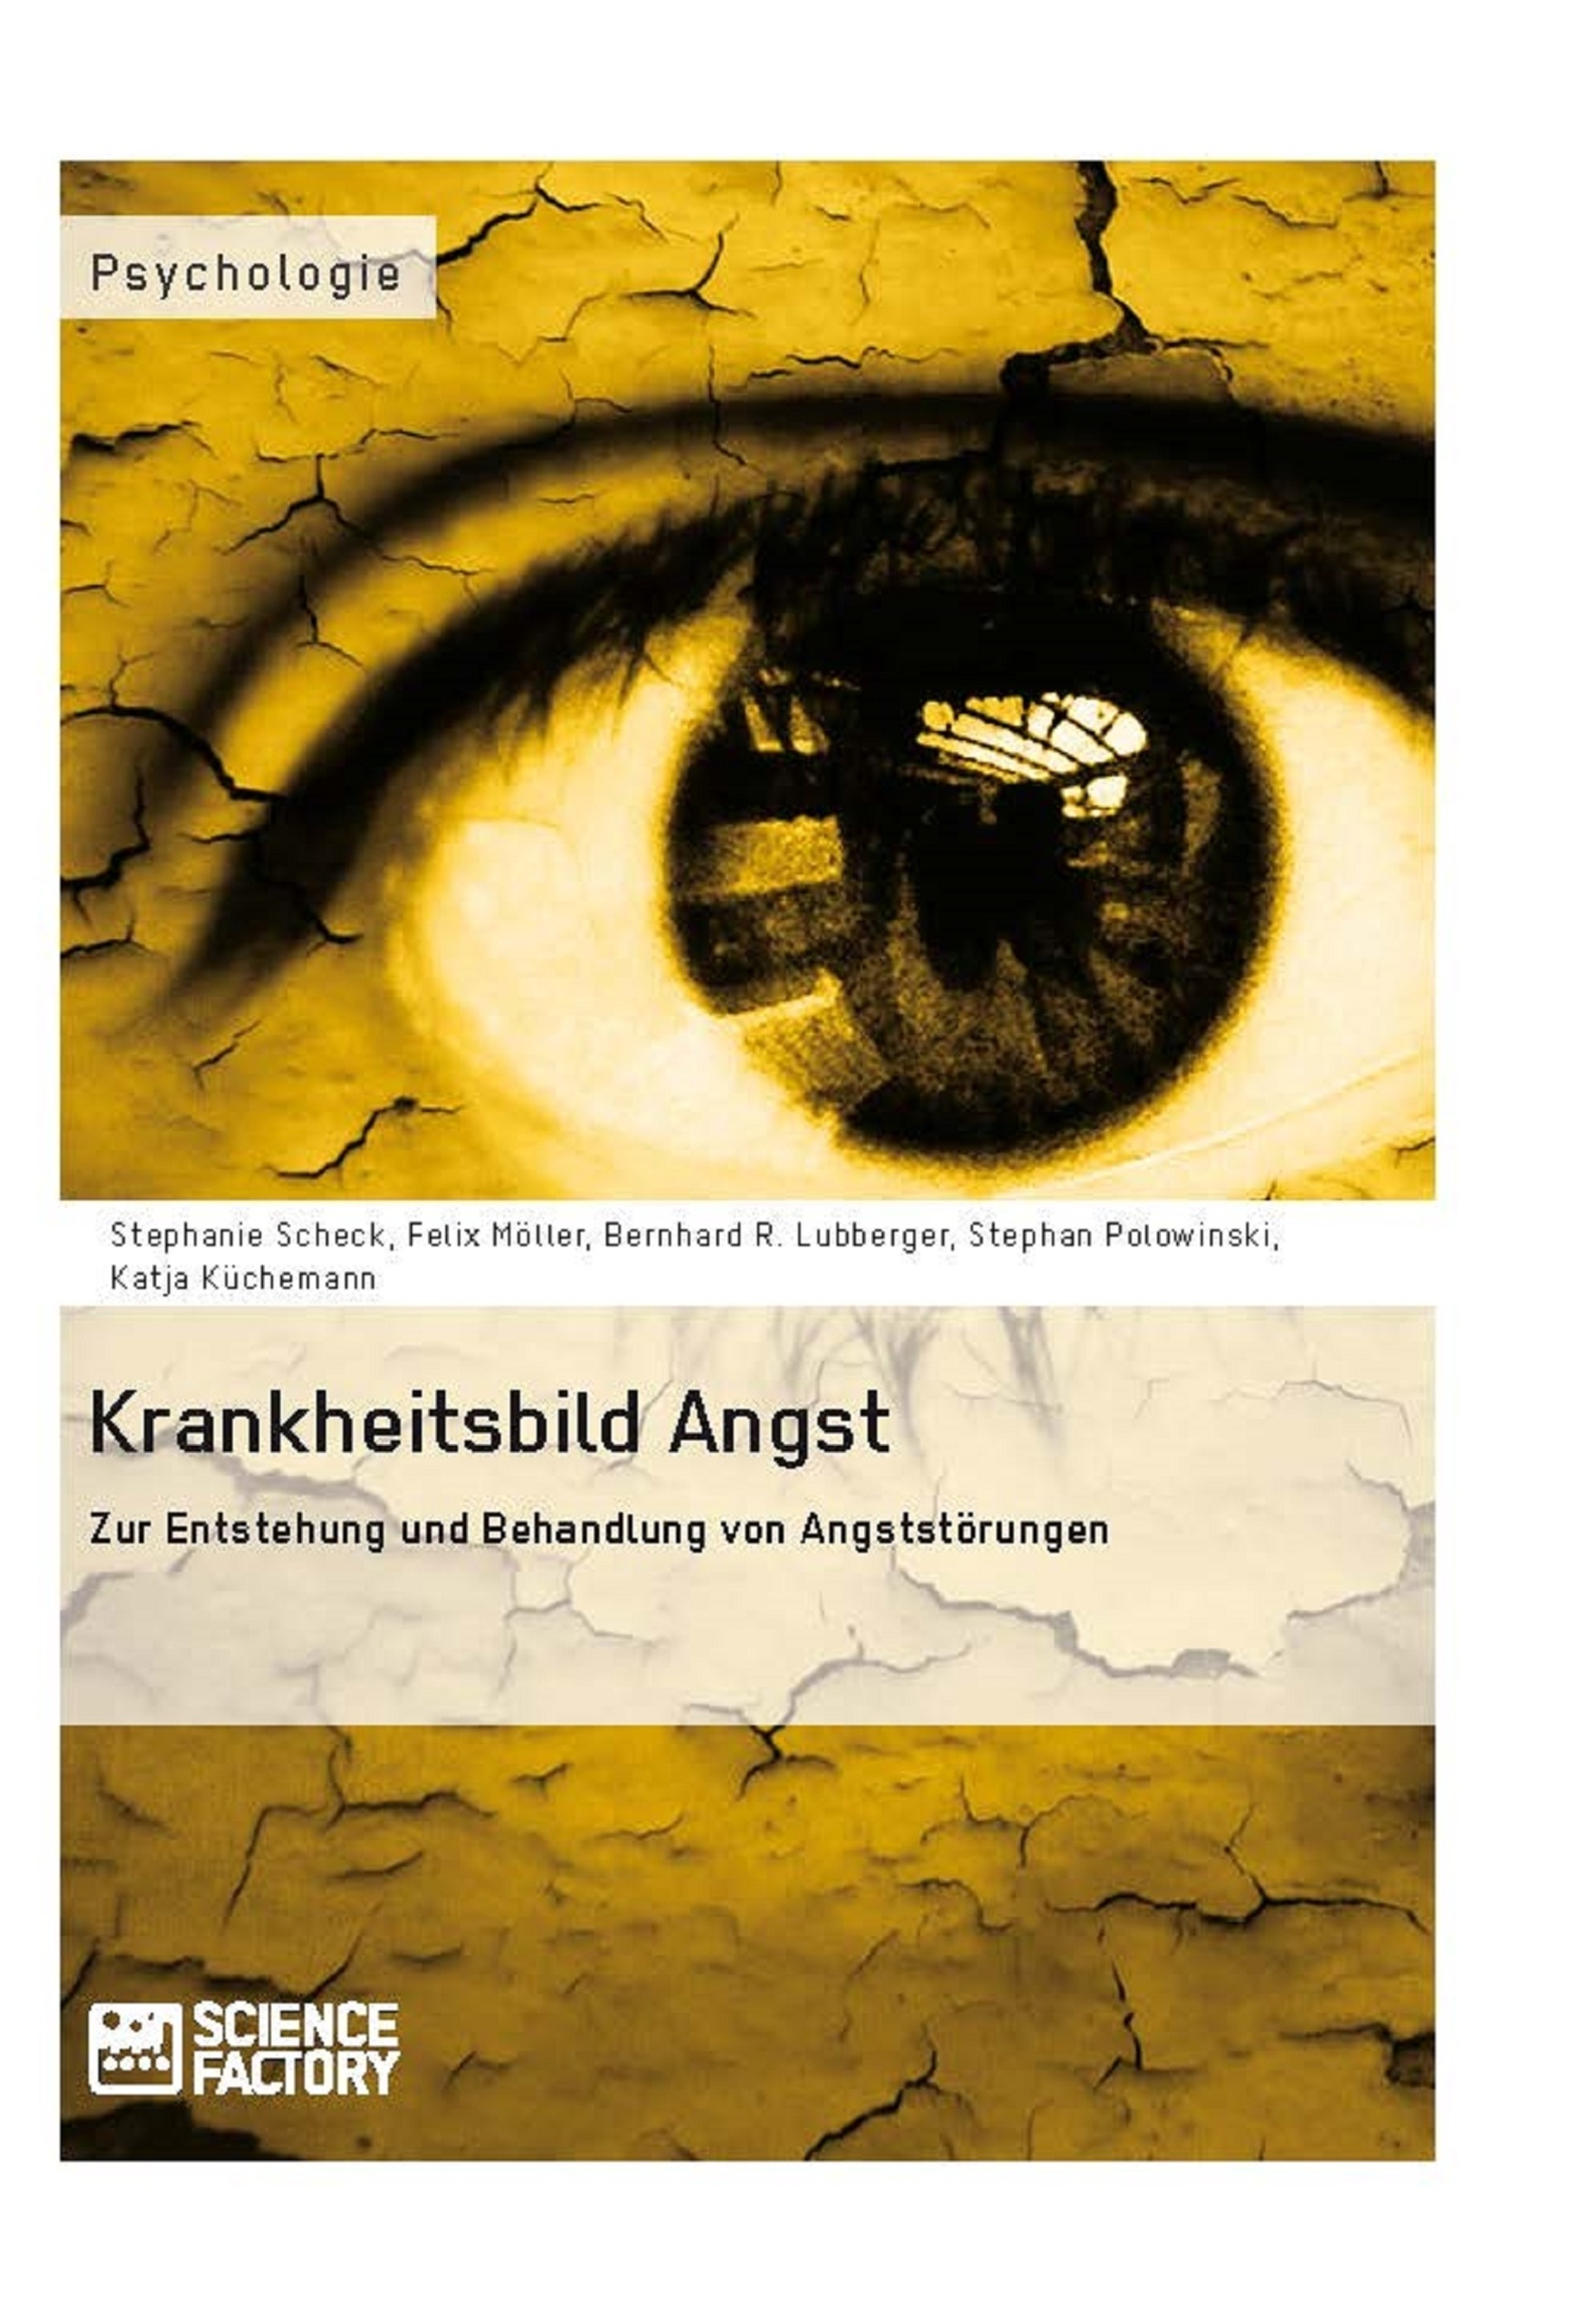 Titel: Krankheitsbild Angst. Zur Entstehung und Behandlung von Angststörungen